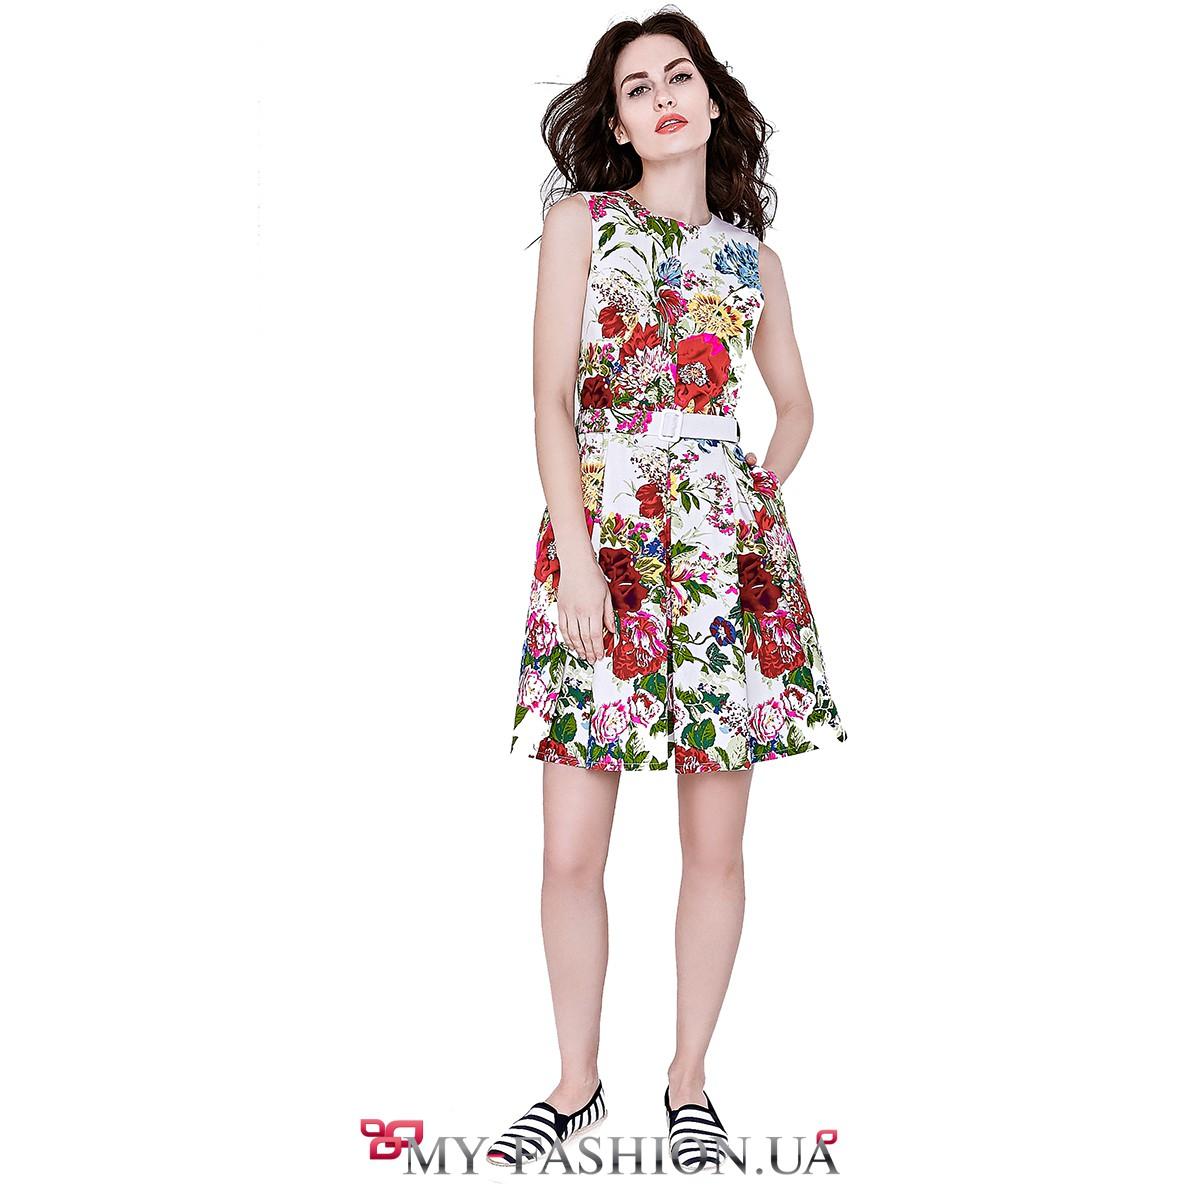 Юбки платья летние с доставкой